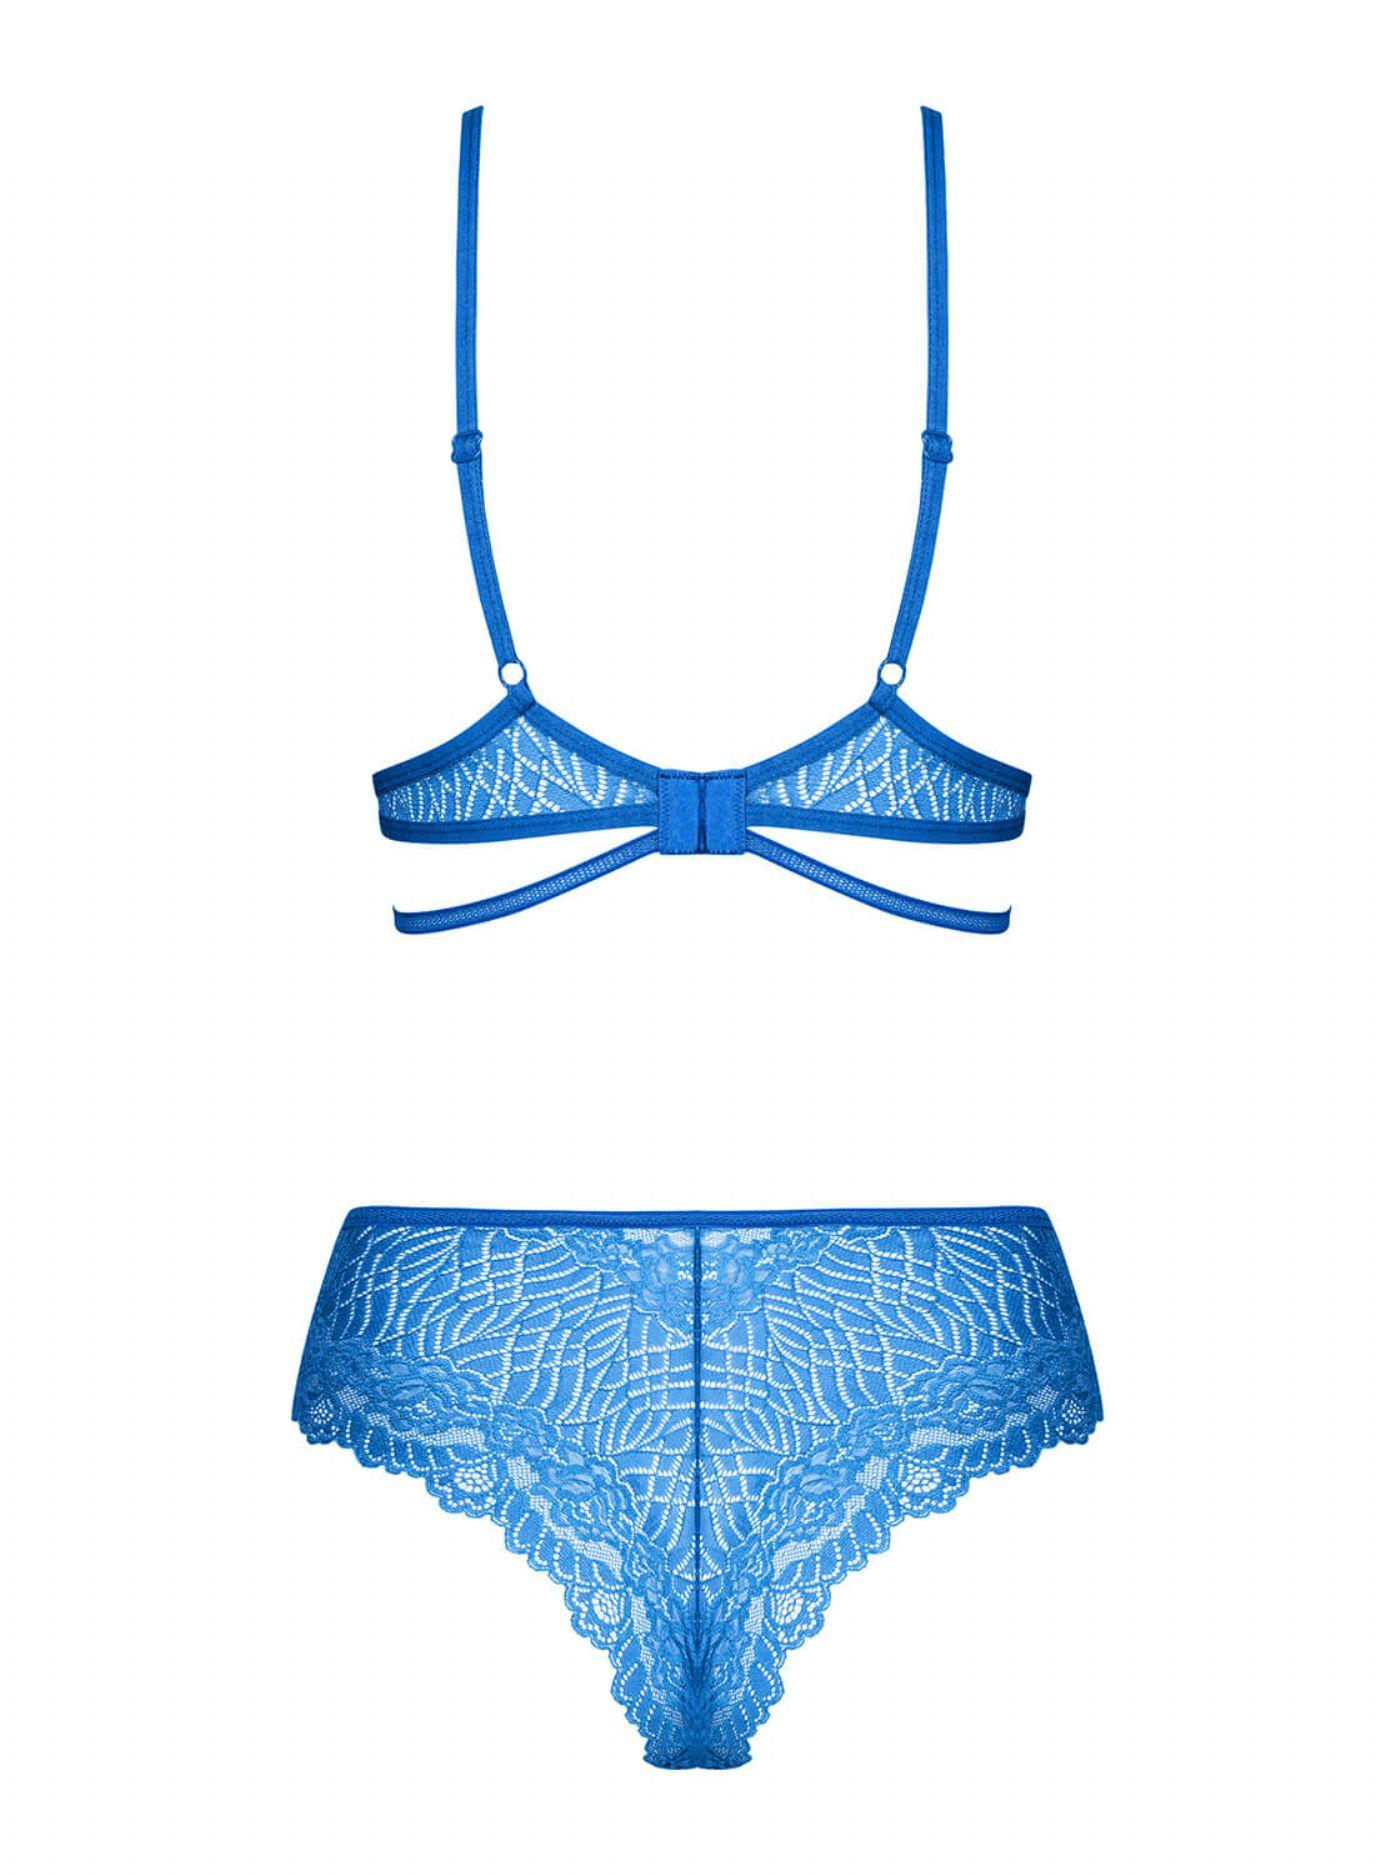 Bluellia Blonde BH & Trusse